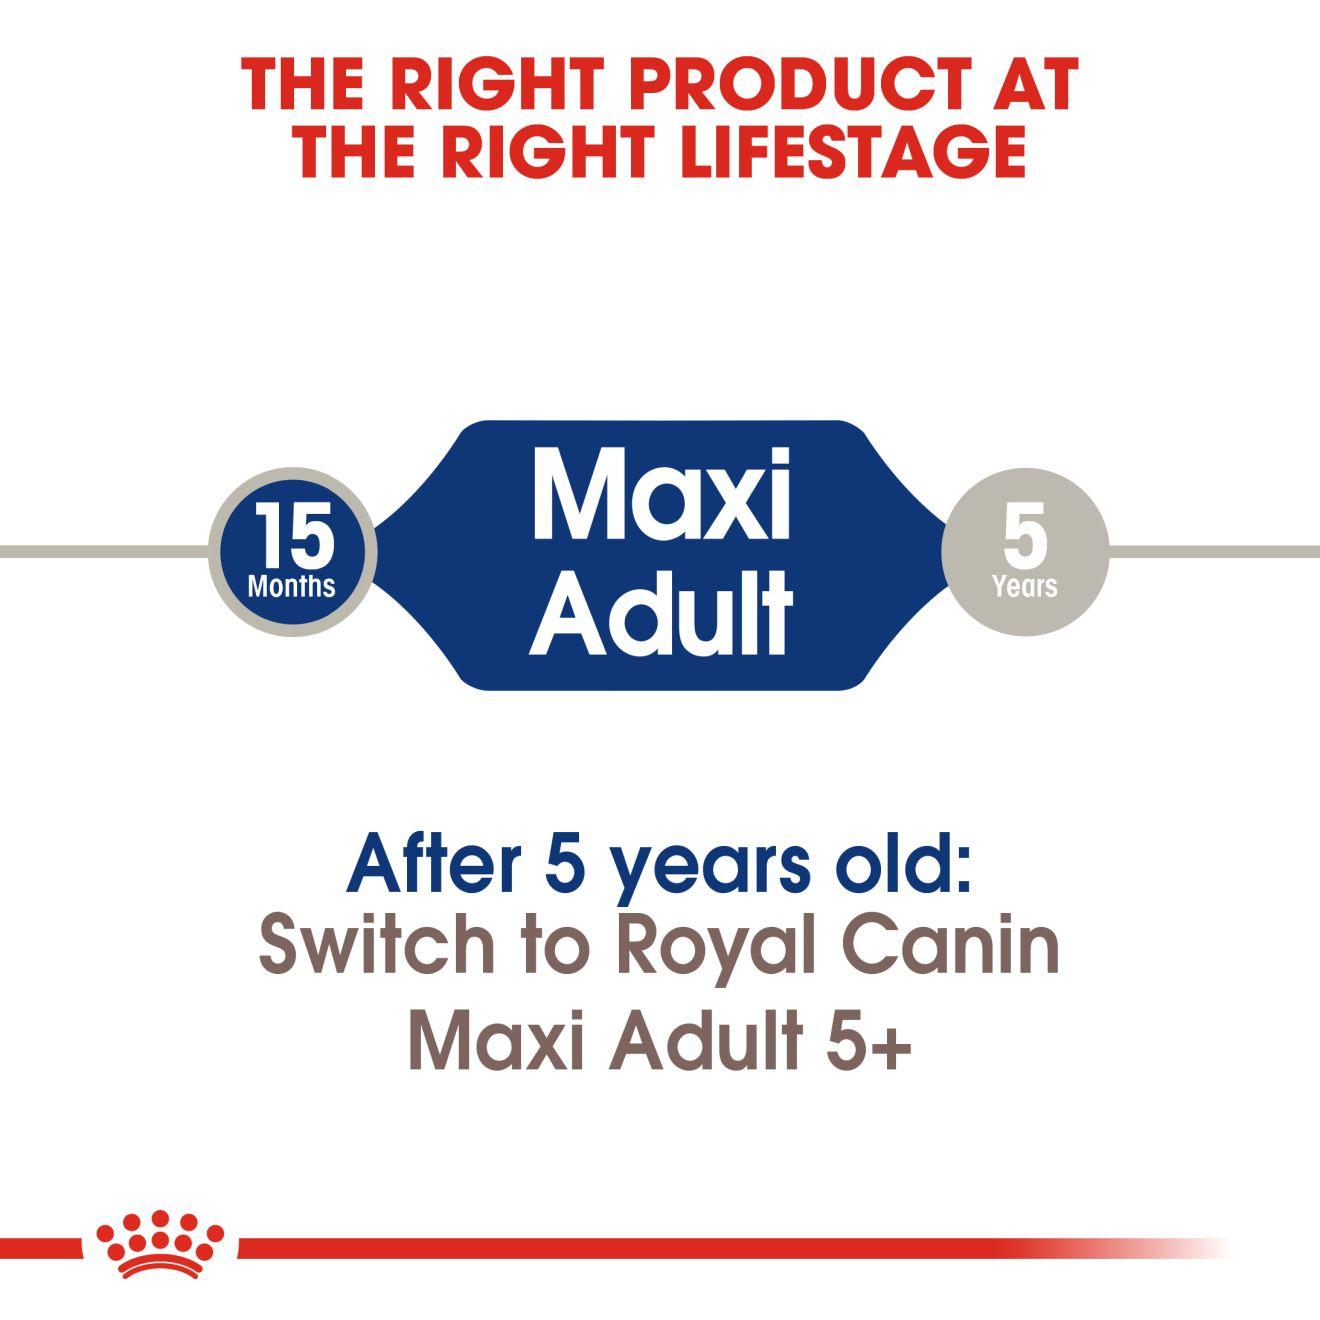 Maxi Adult